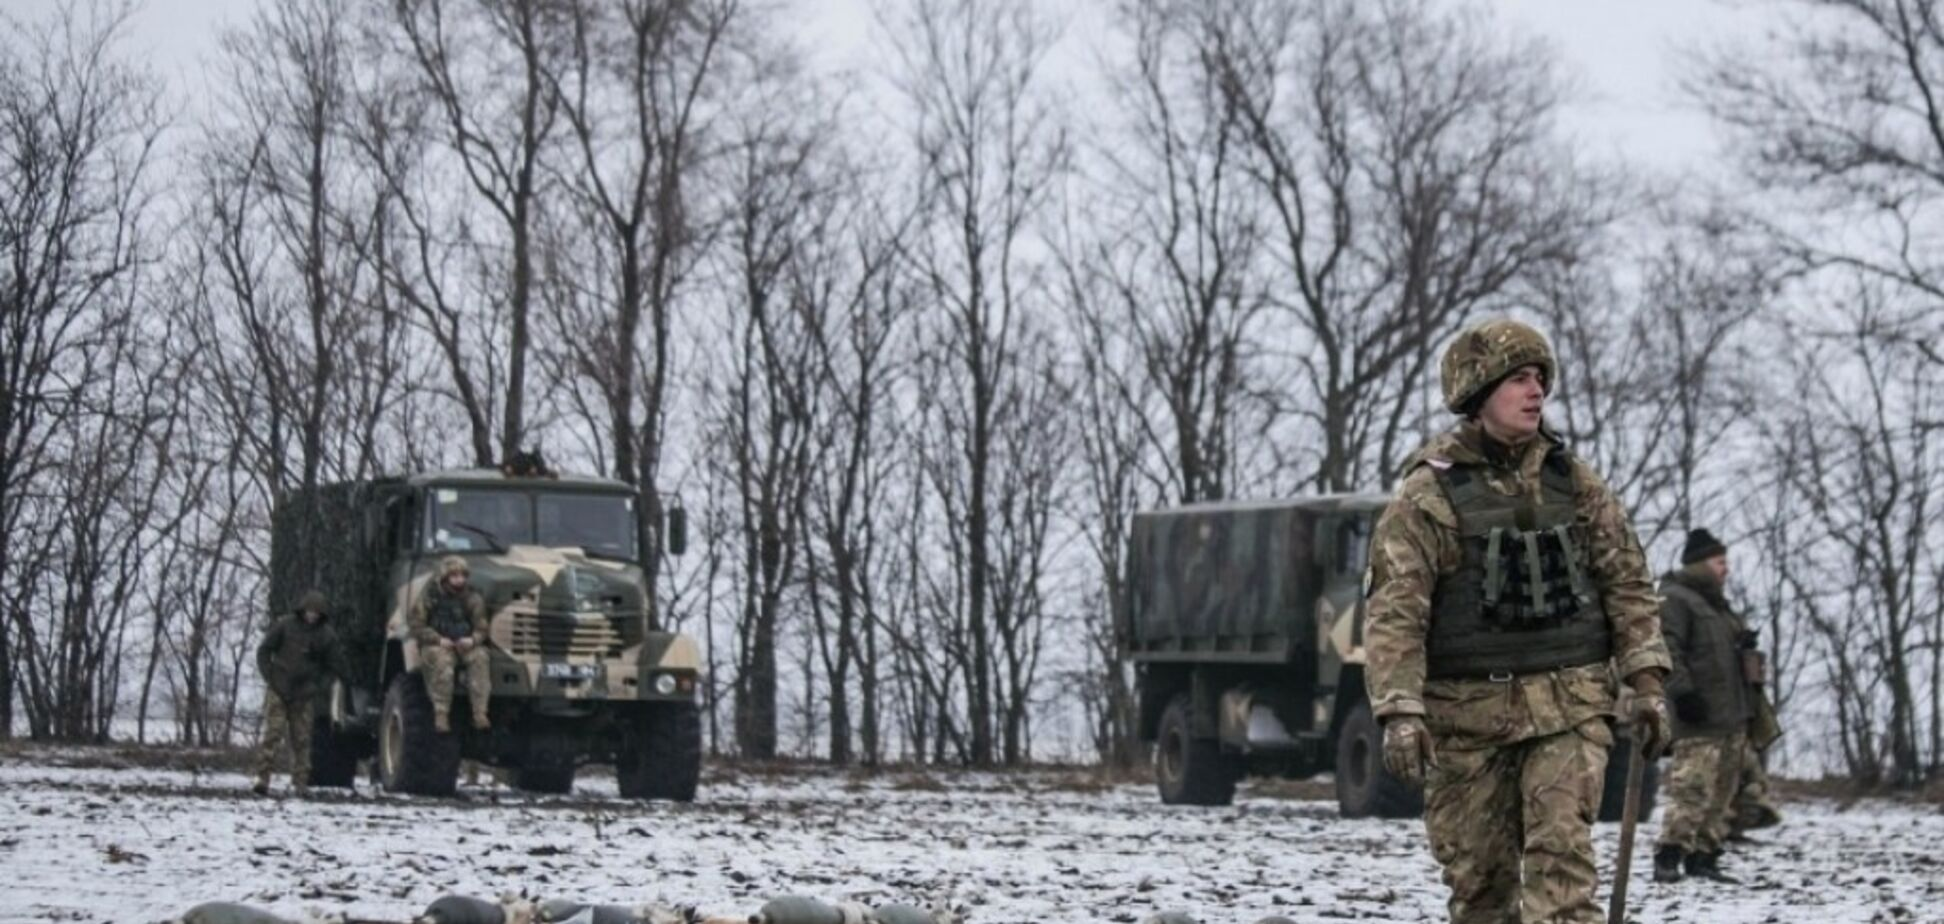 Террористы атаковали ВСУ на Донбассе, но получили по зубам: много жертв